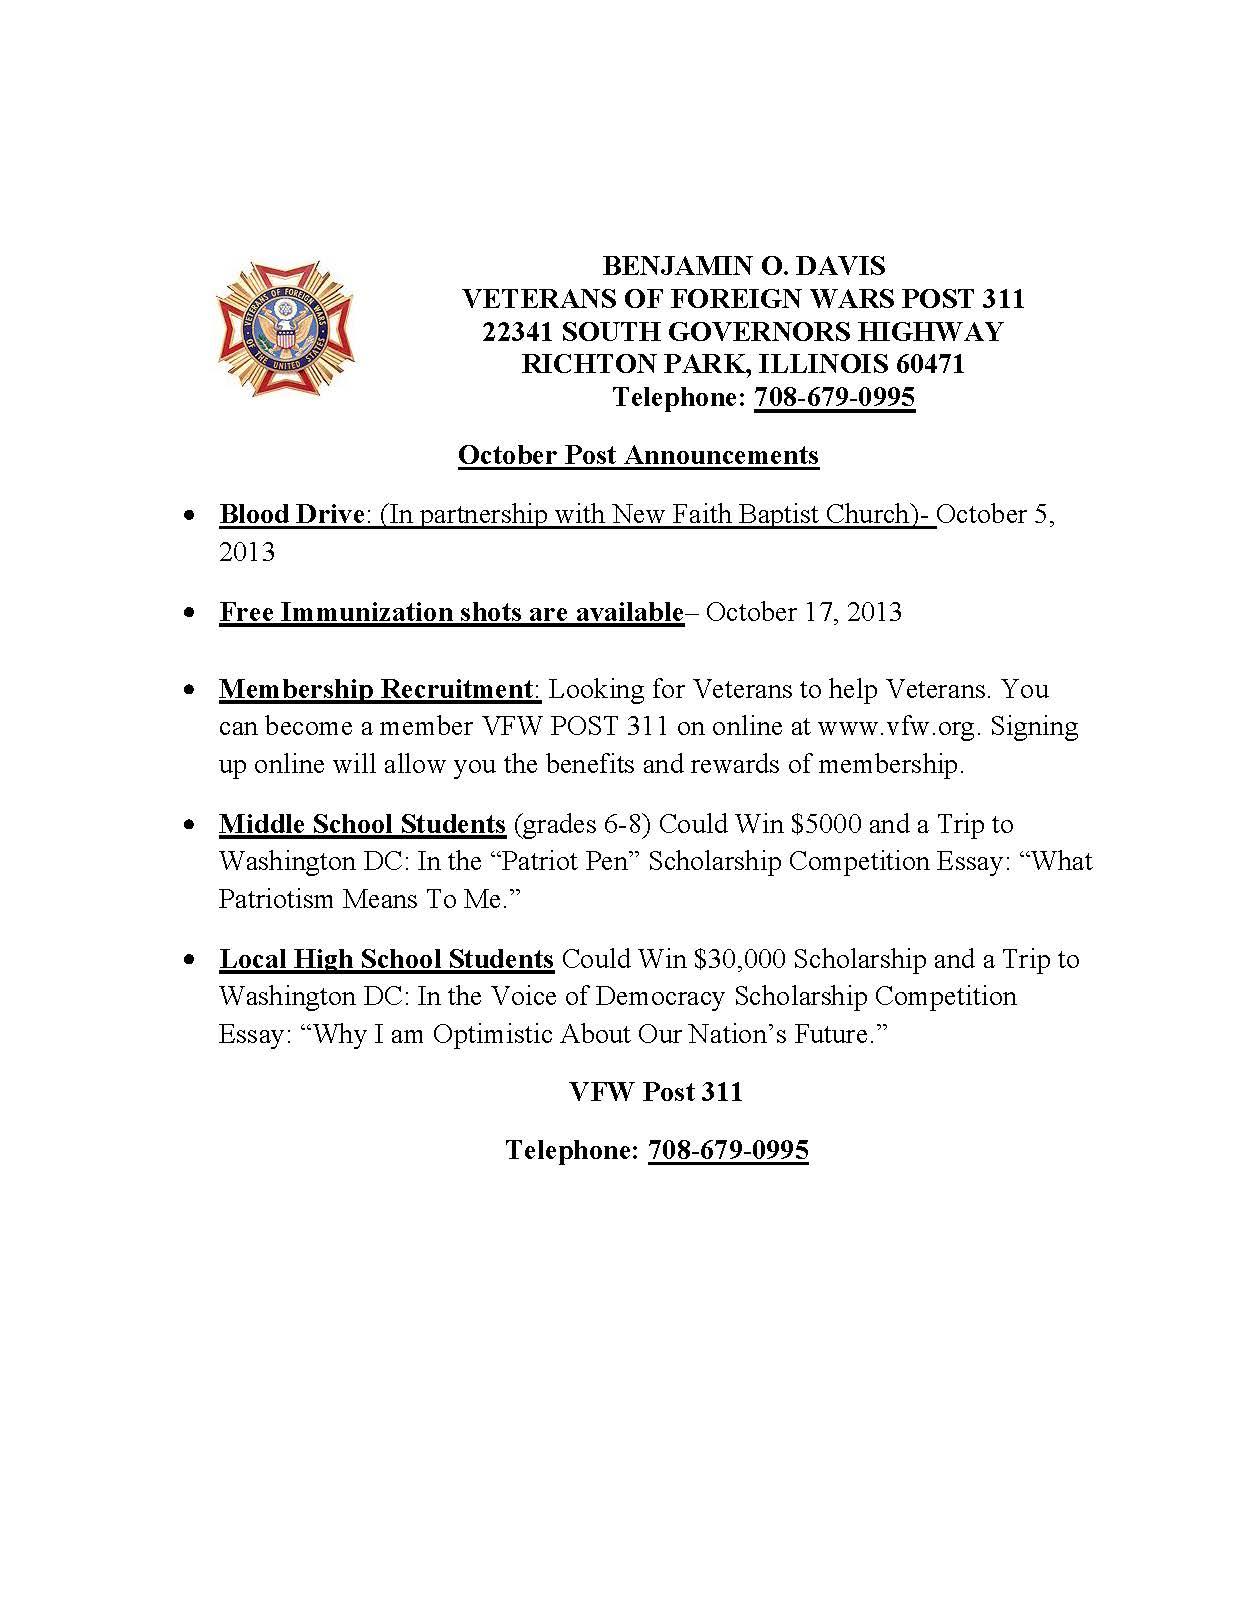 veterans in richton park richton park il official website  2013 events